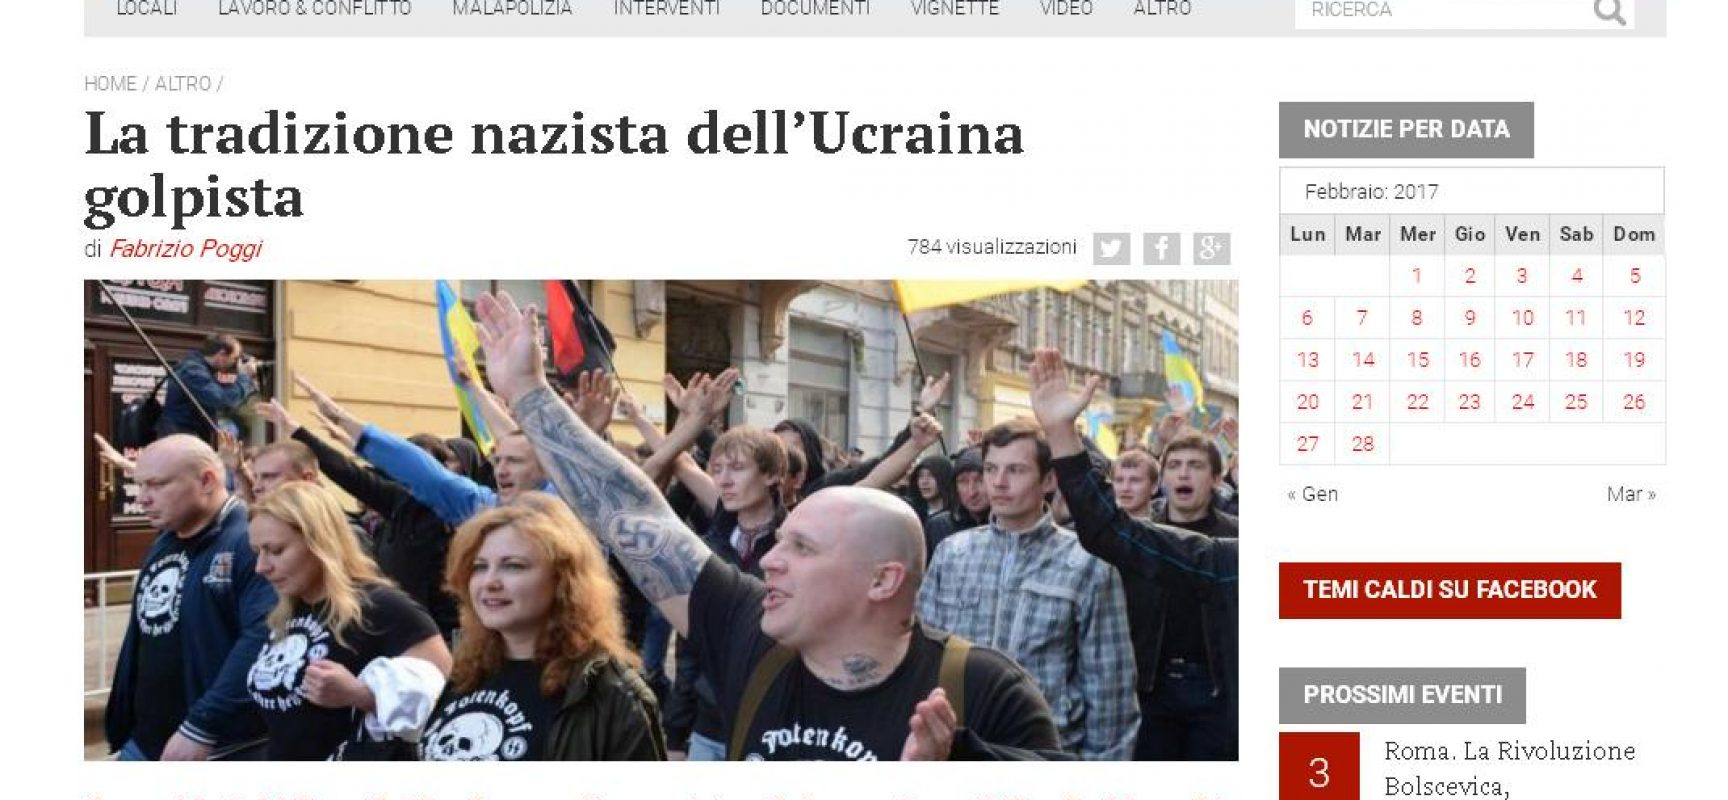 Olena Teliha, eroina della resistenza al nazi-fascismo in Italia diventa una nazista